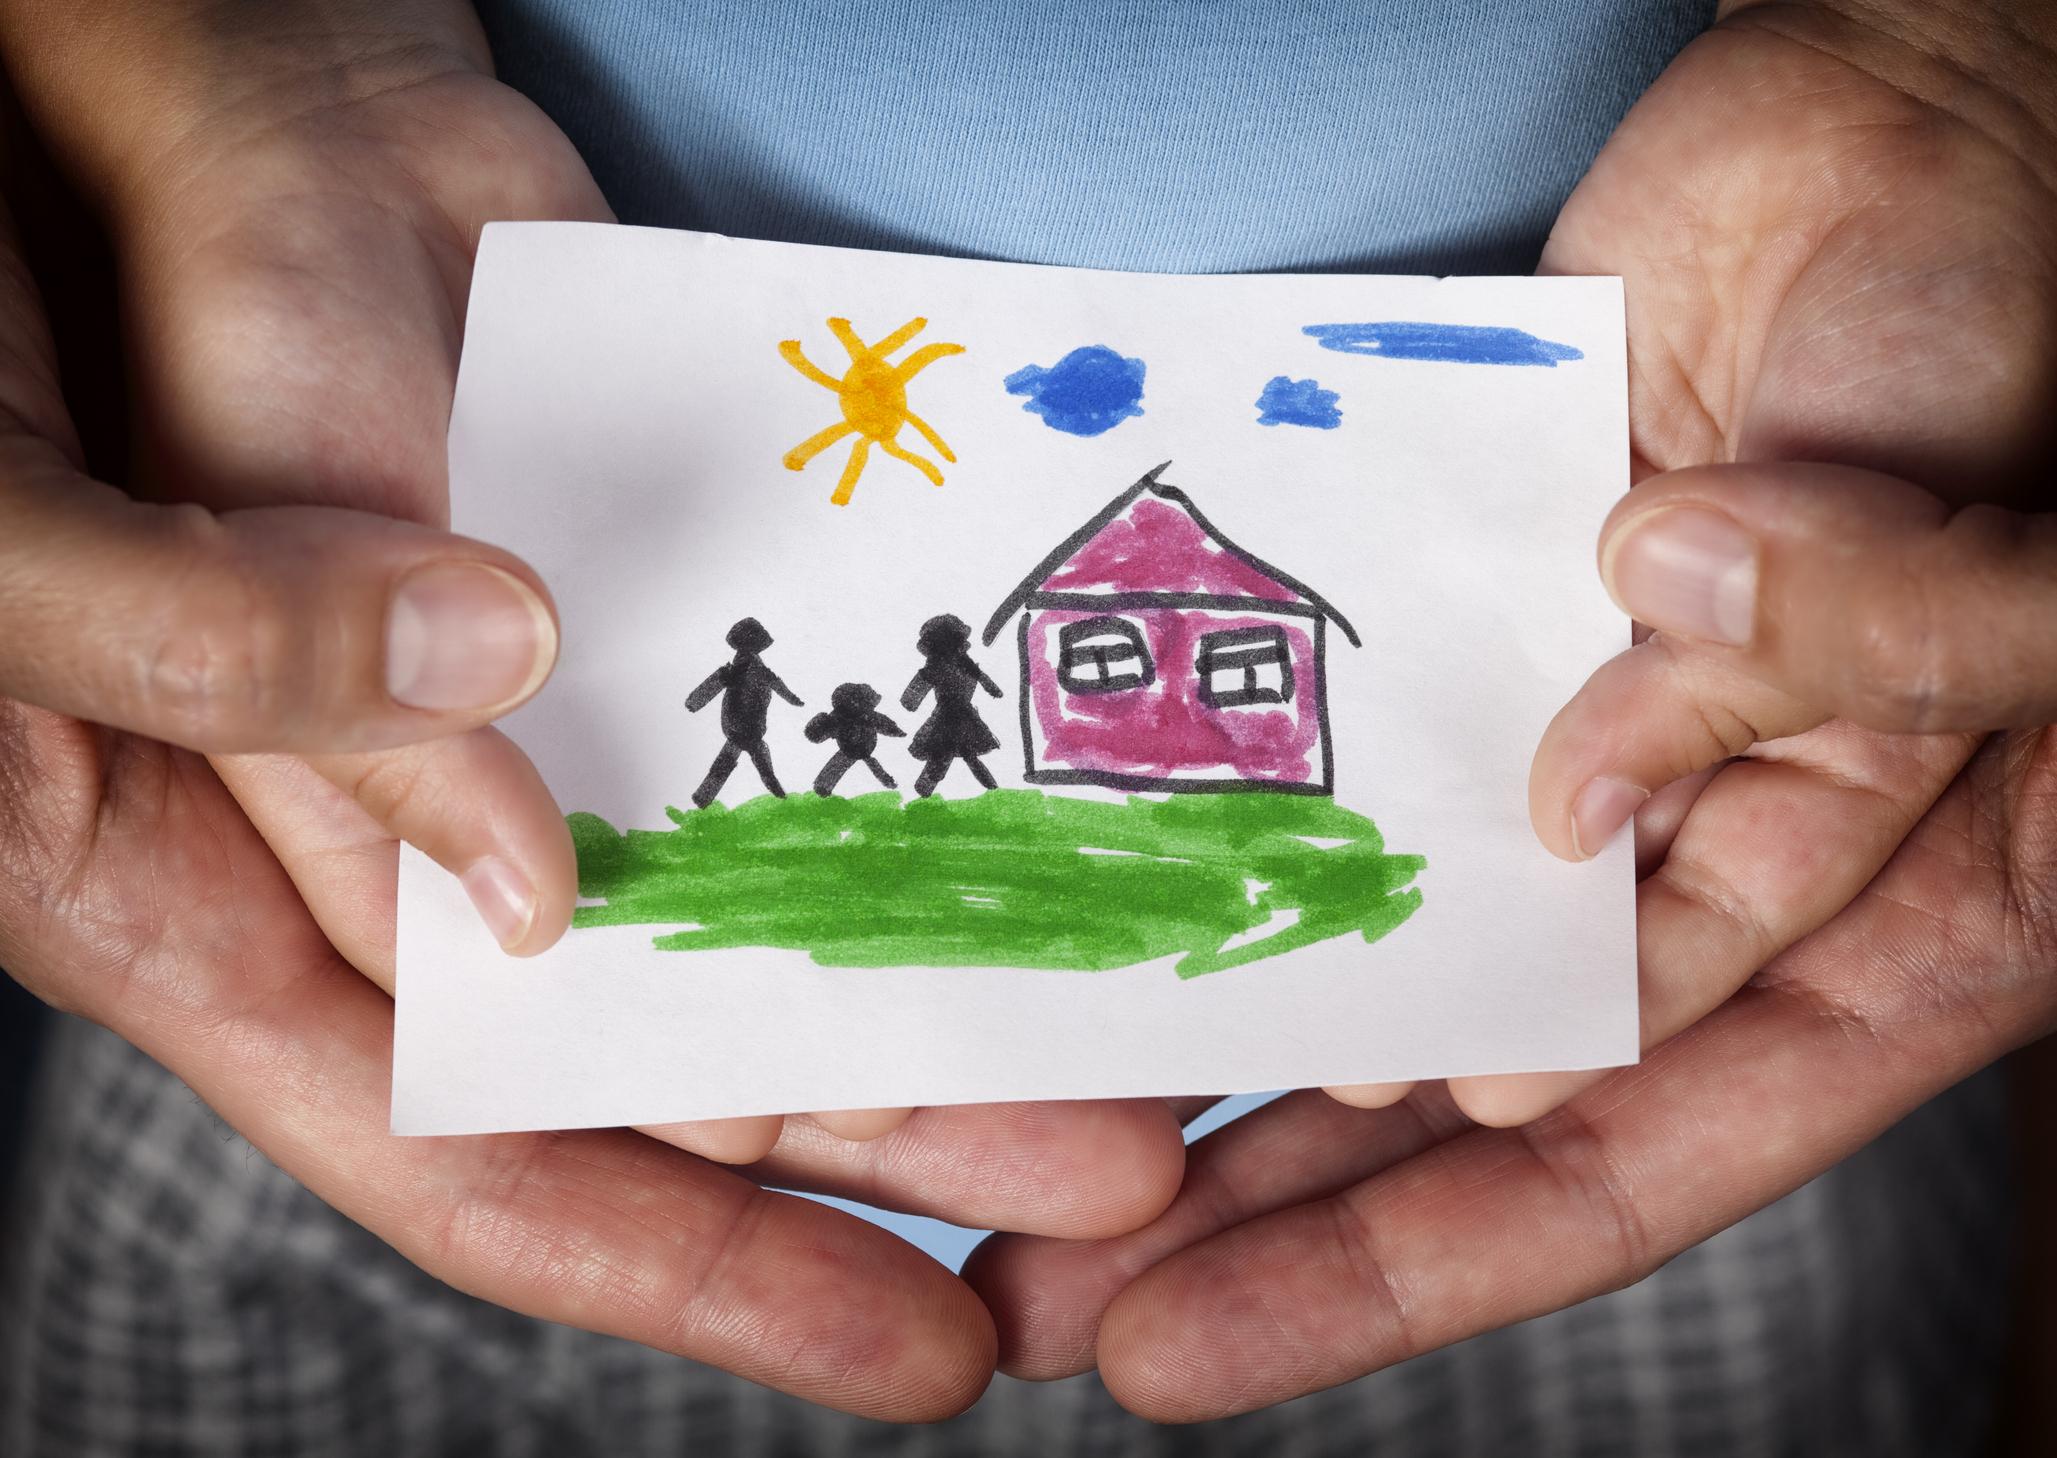 Legge til et adoptert barn til et familietre